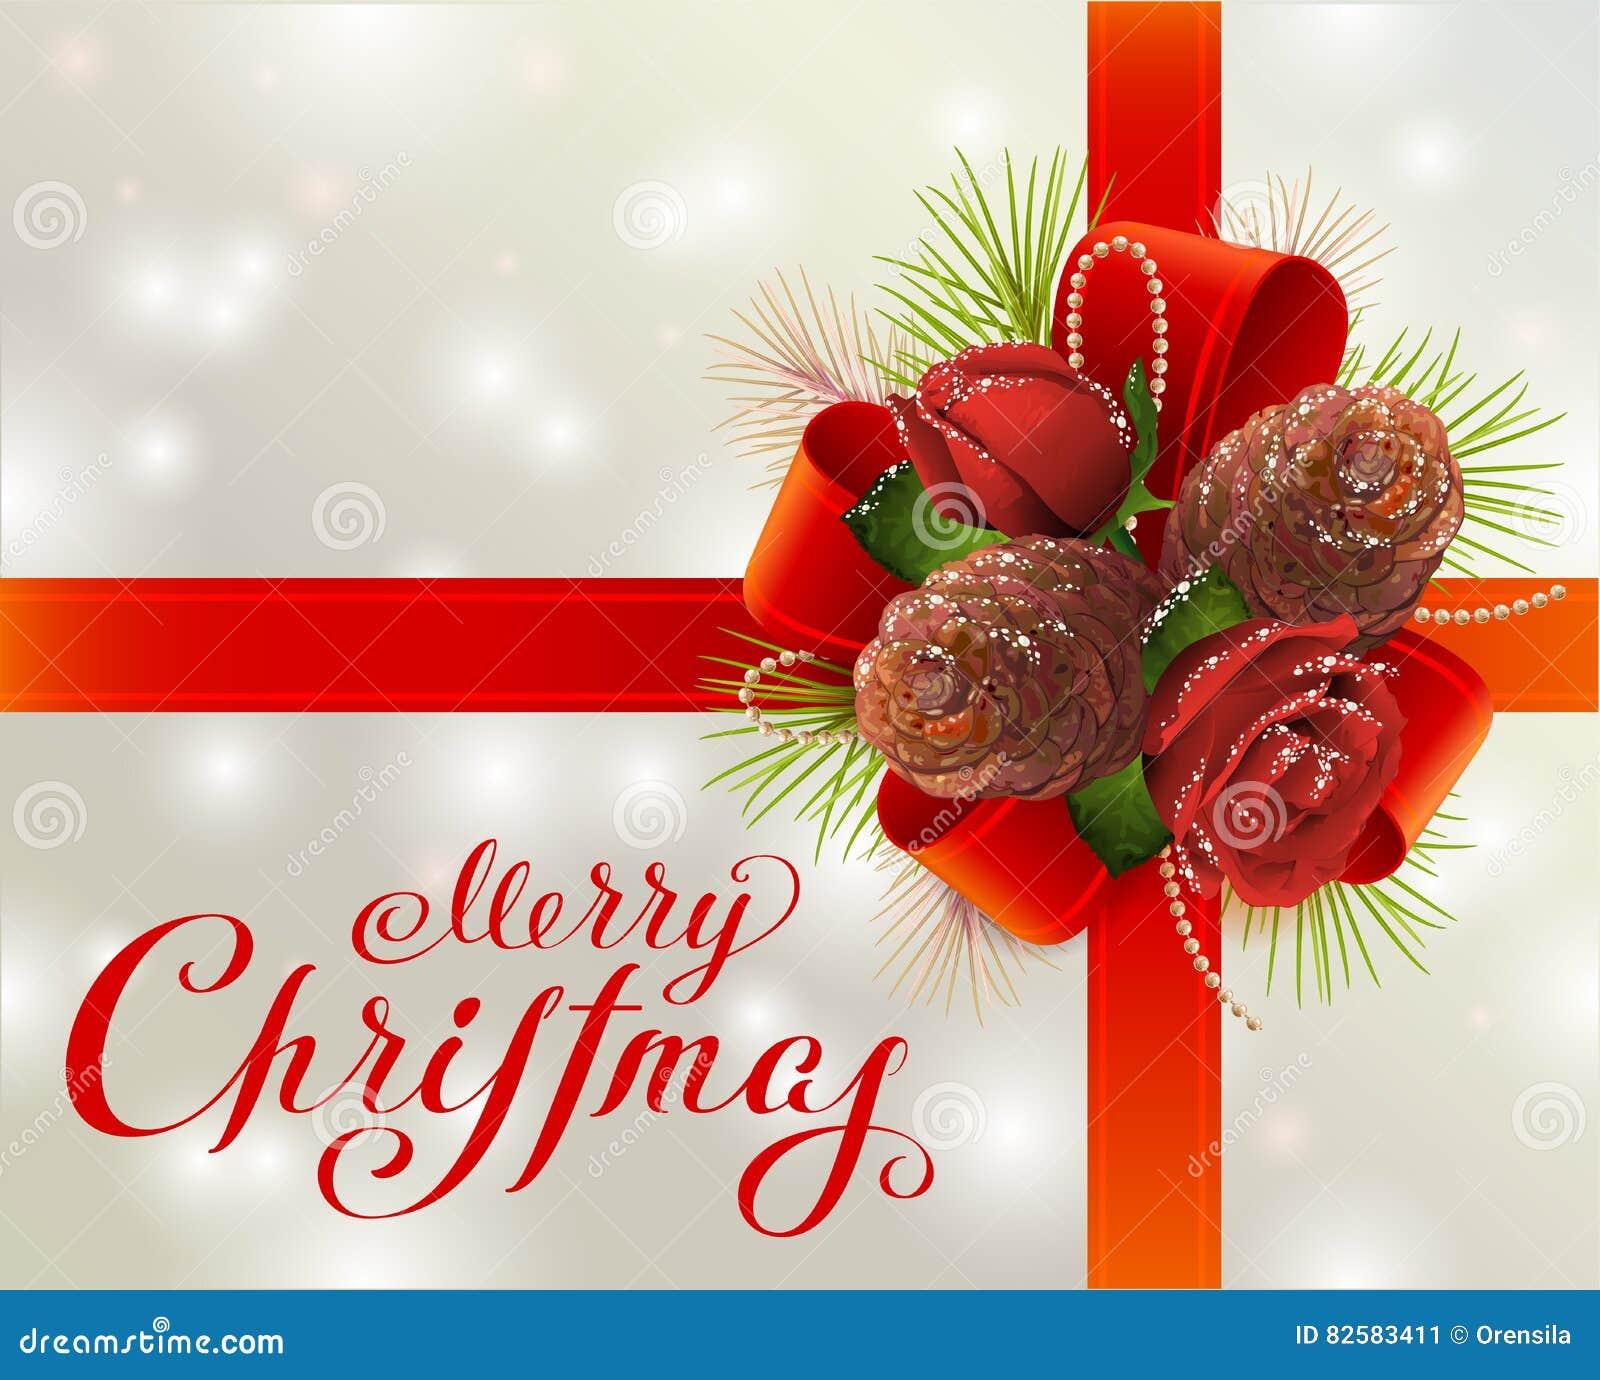 Frohe Weihnachten Grußkarte Mit Rotem Band, Tannenzapfen ...